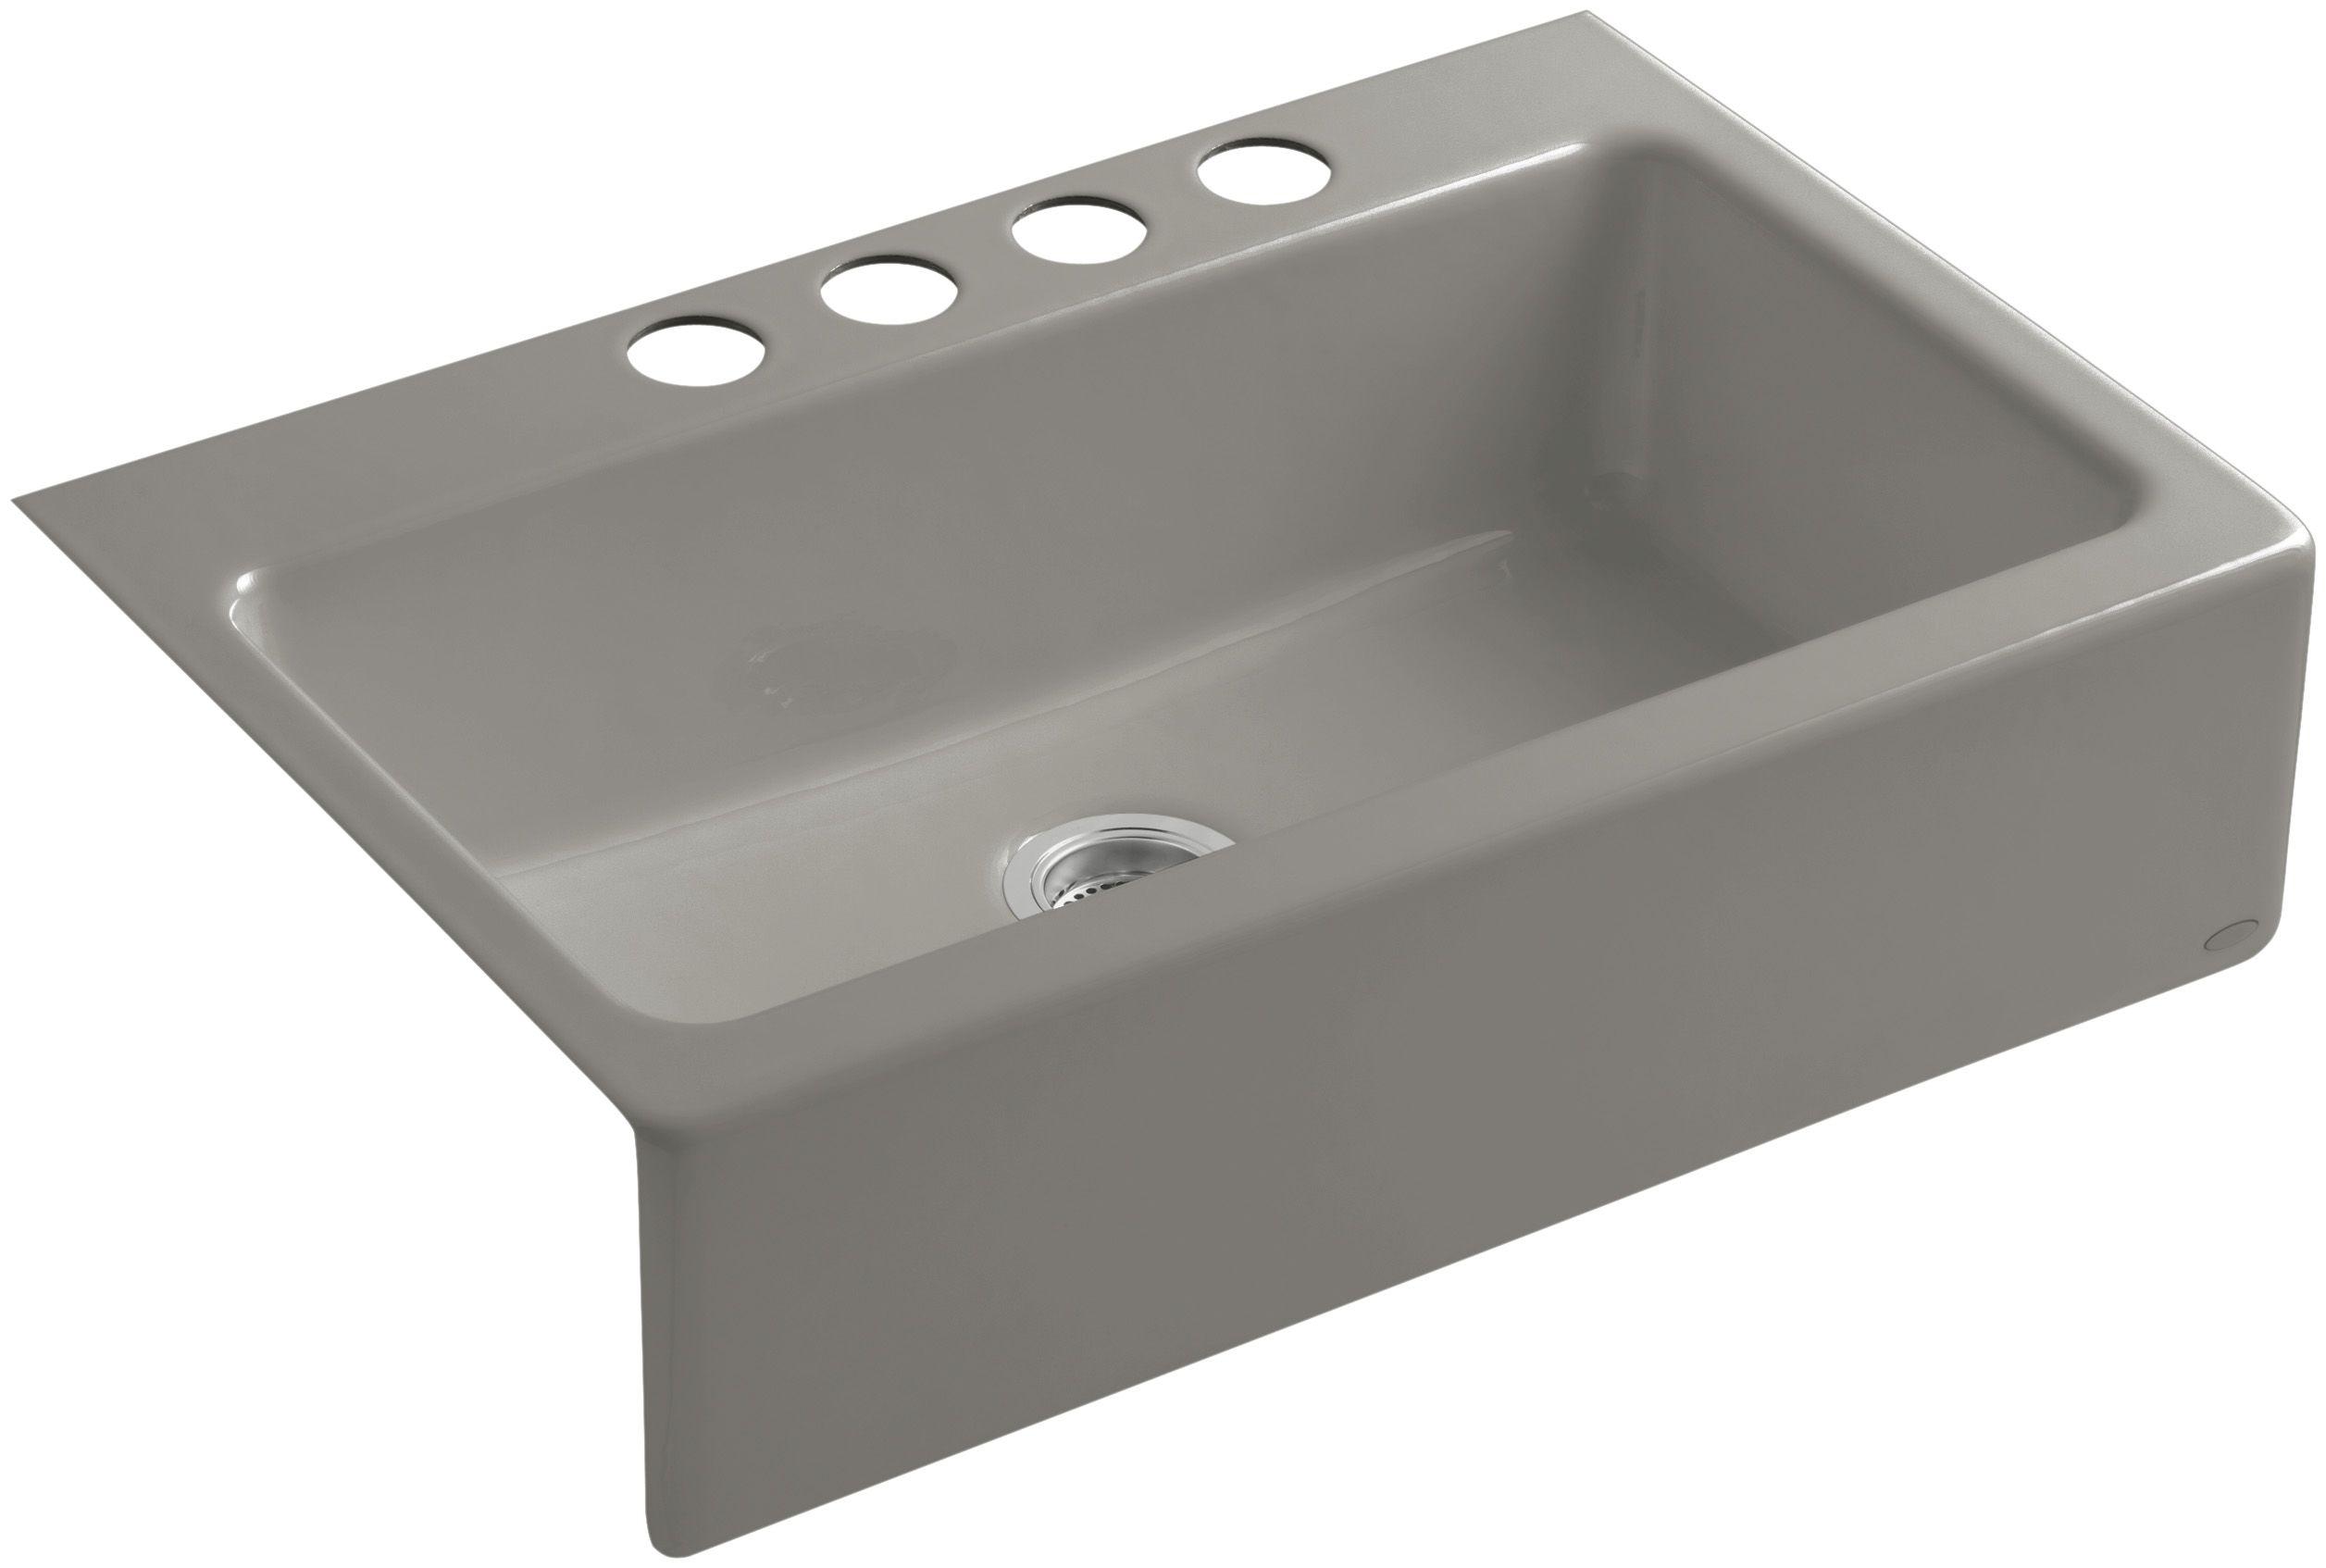 Kohler Apron Front Sink.Kohler K 6546 4u